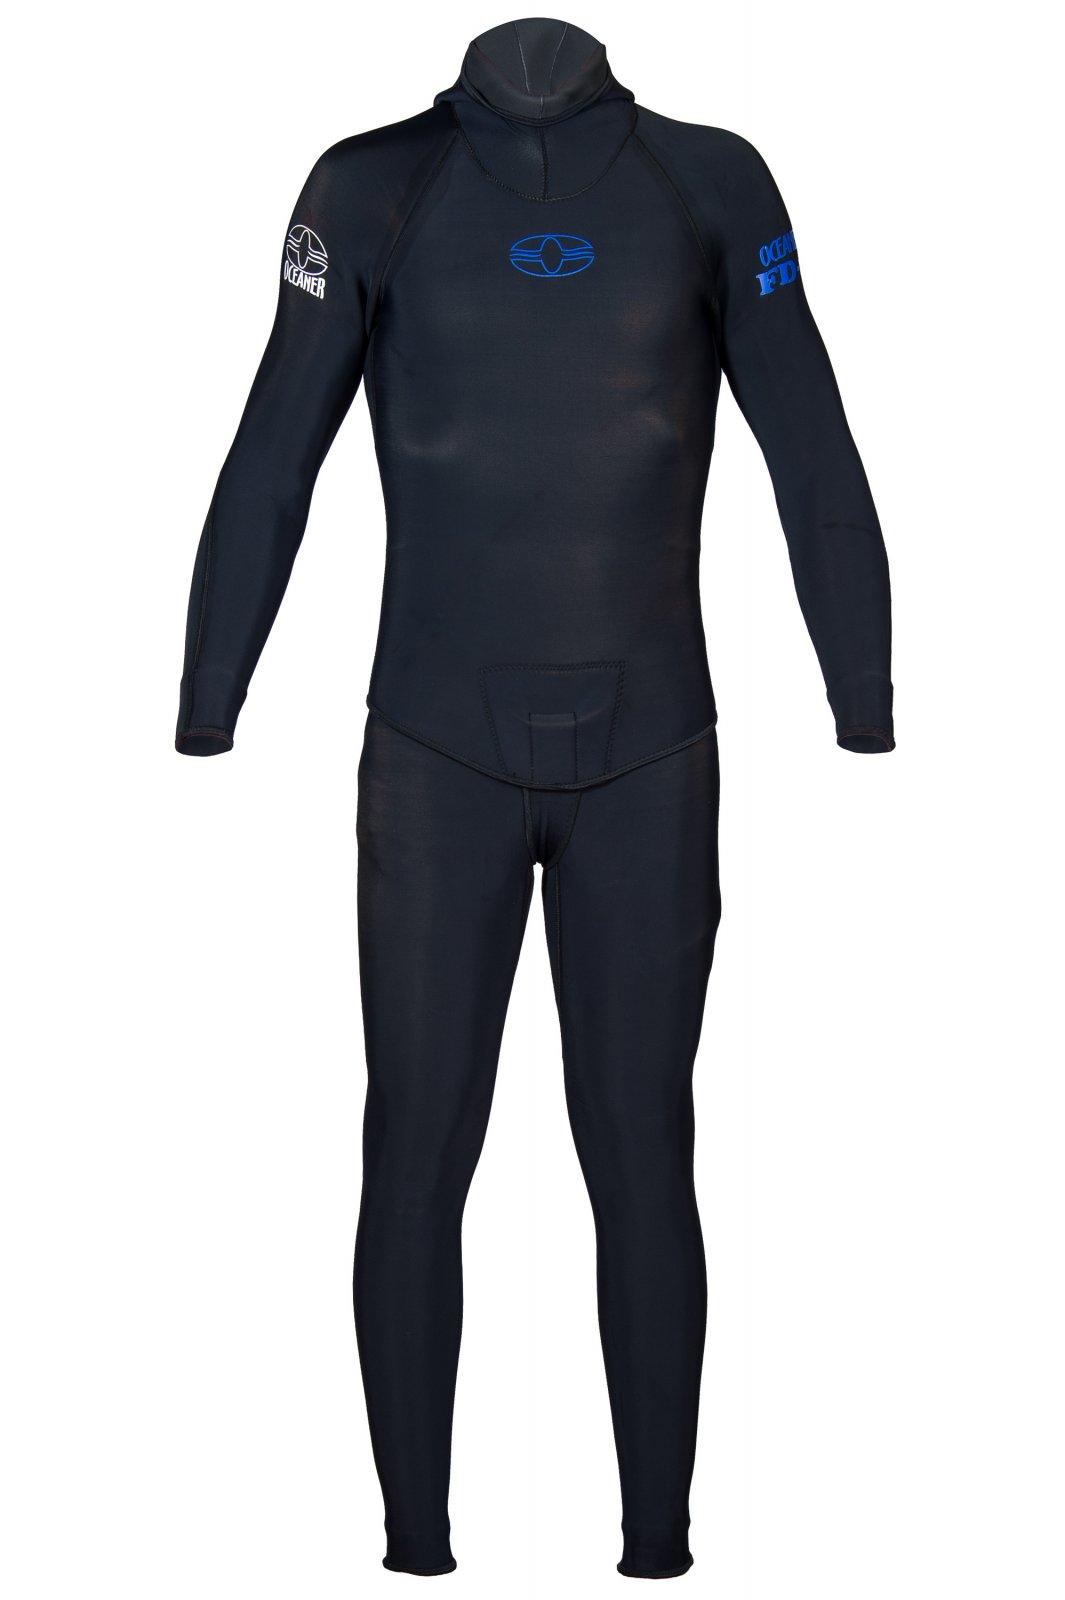 FD-S Wetsuit Men's 3mm